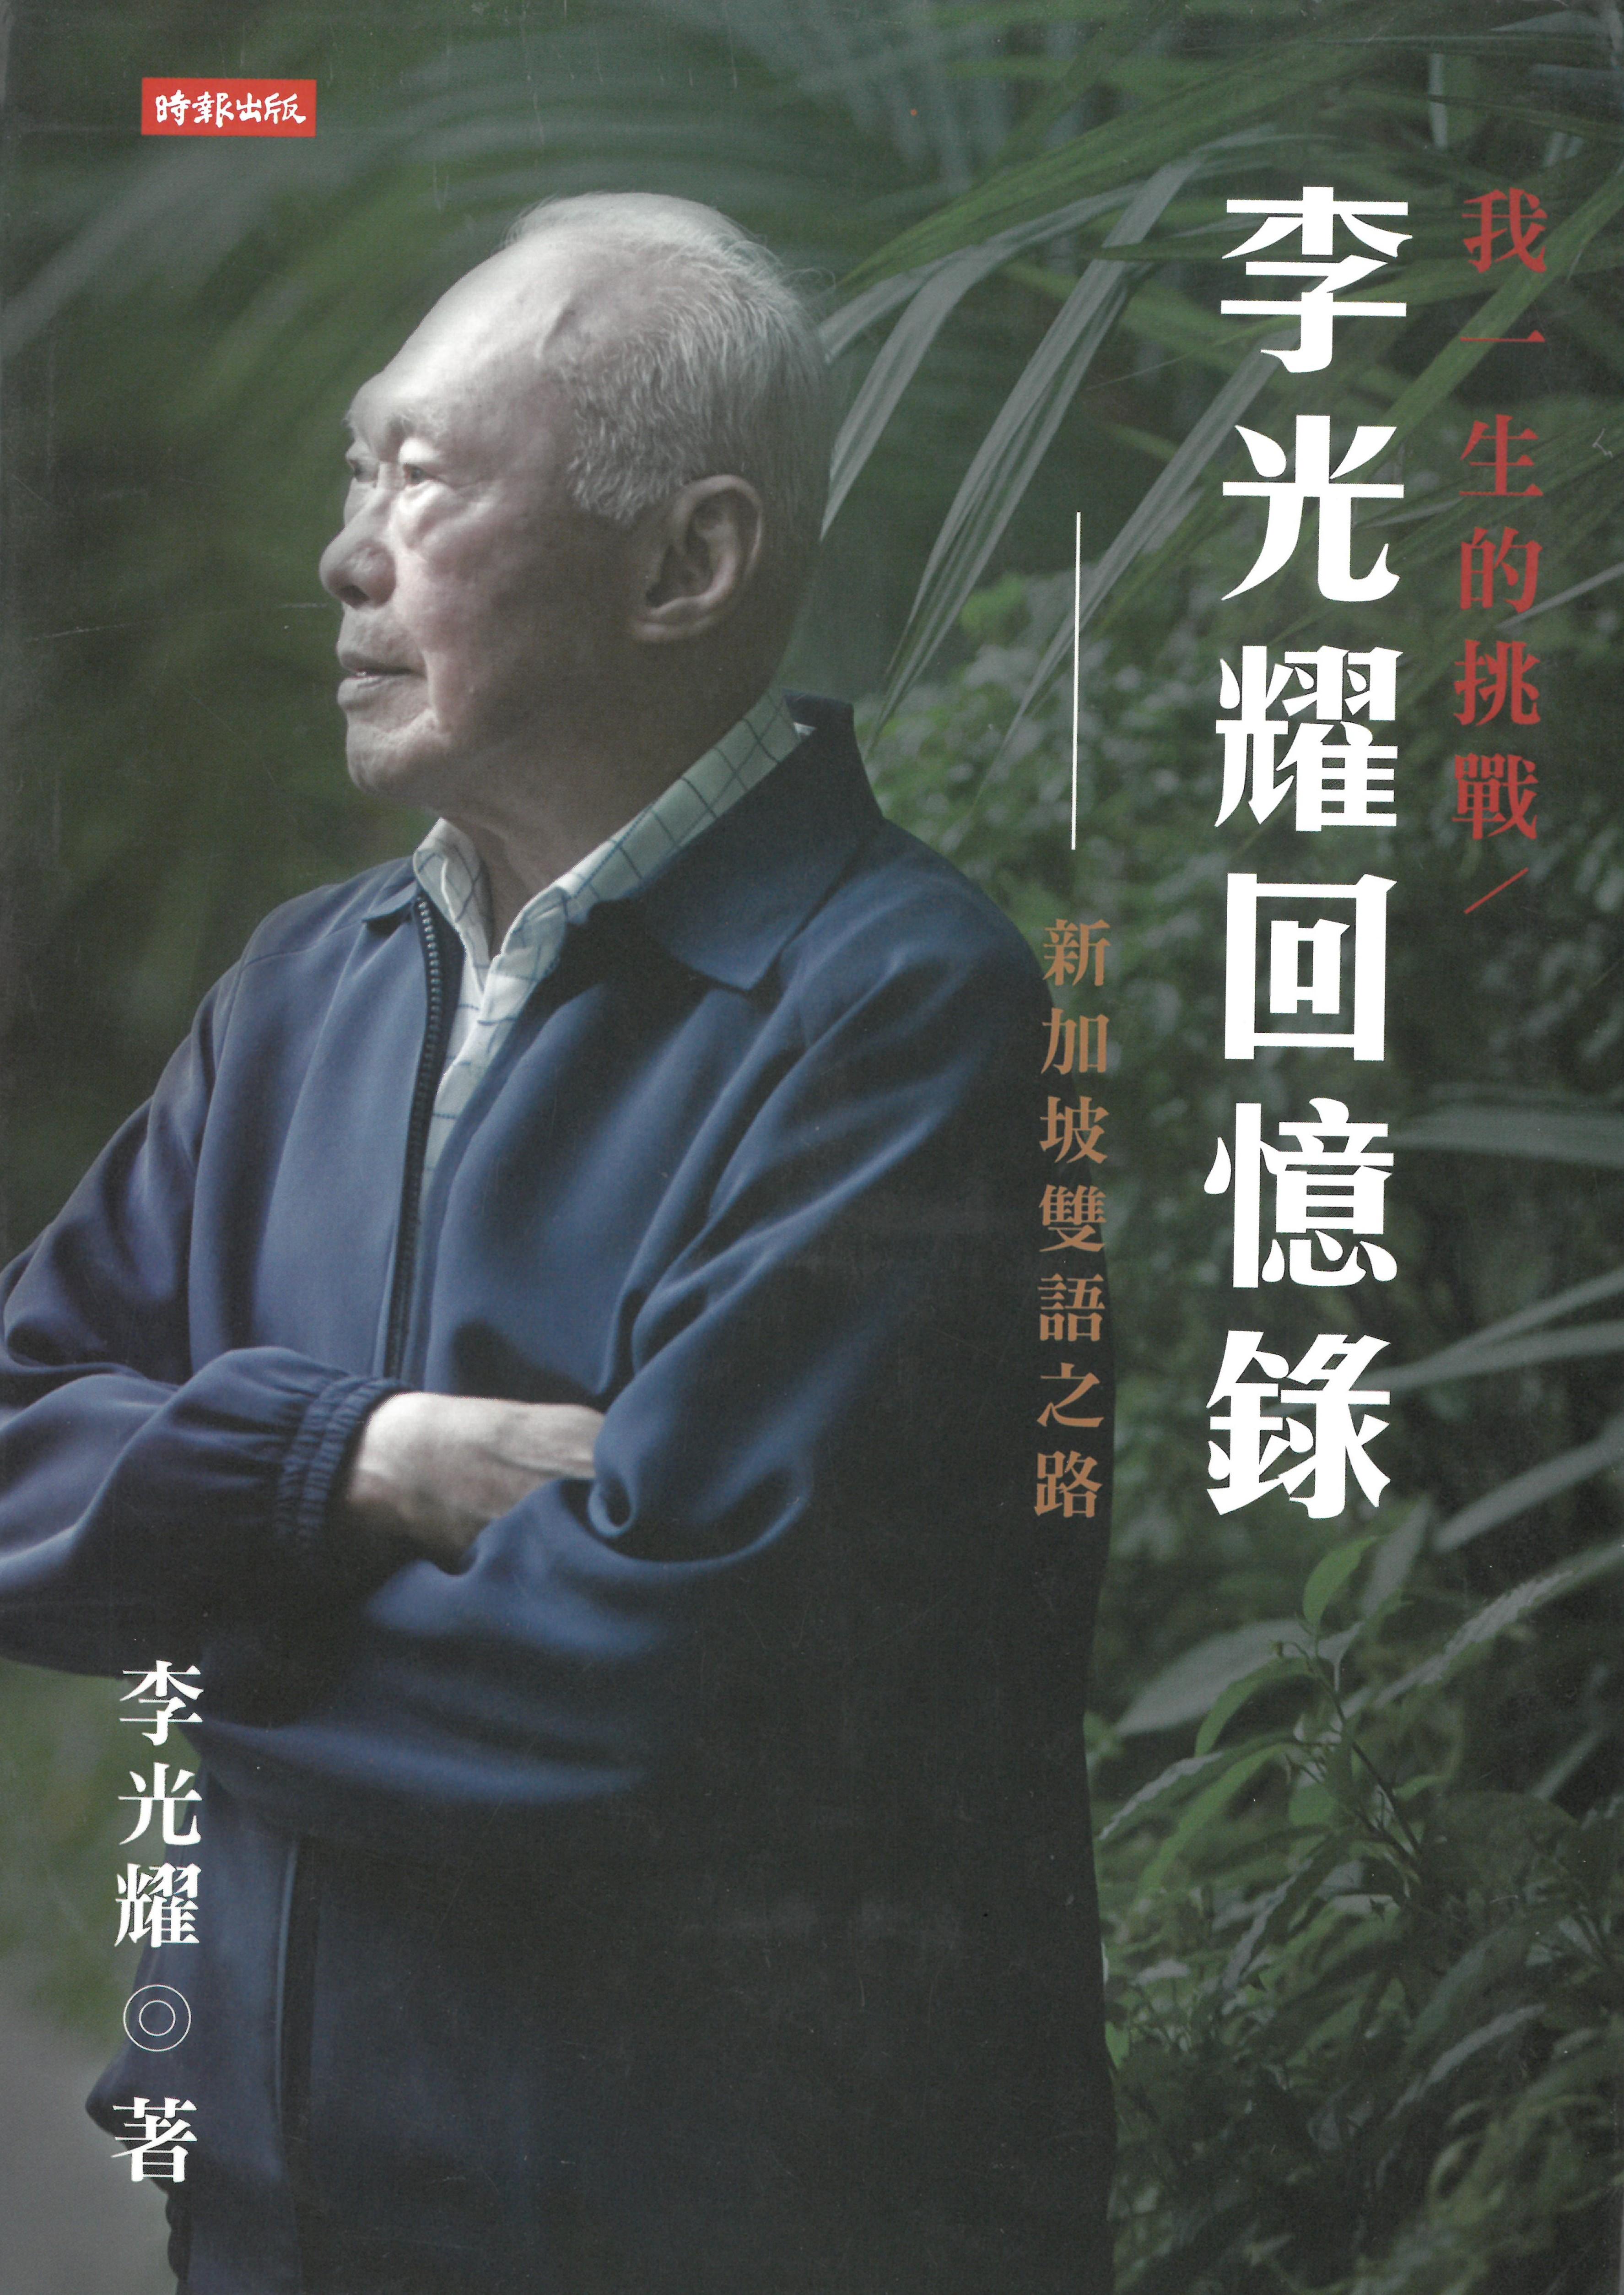 李光耀回憶錄 我一生的挑戰 新加坡雙語之路 (封面)